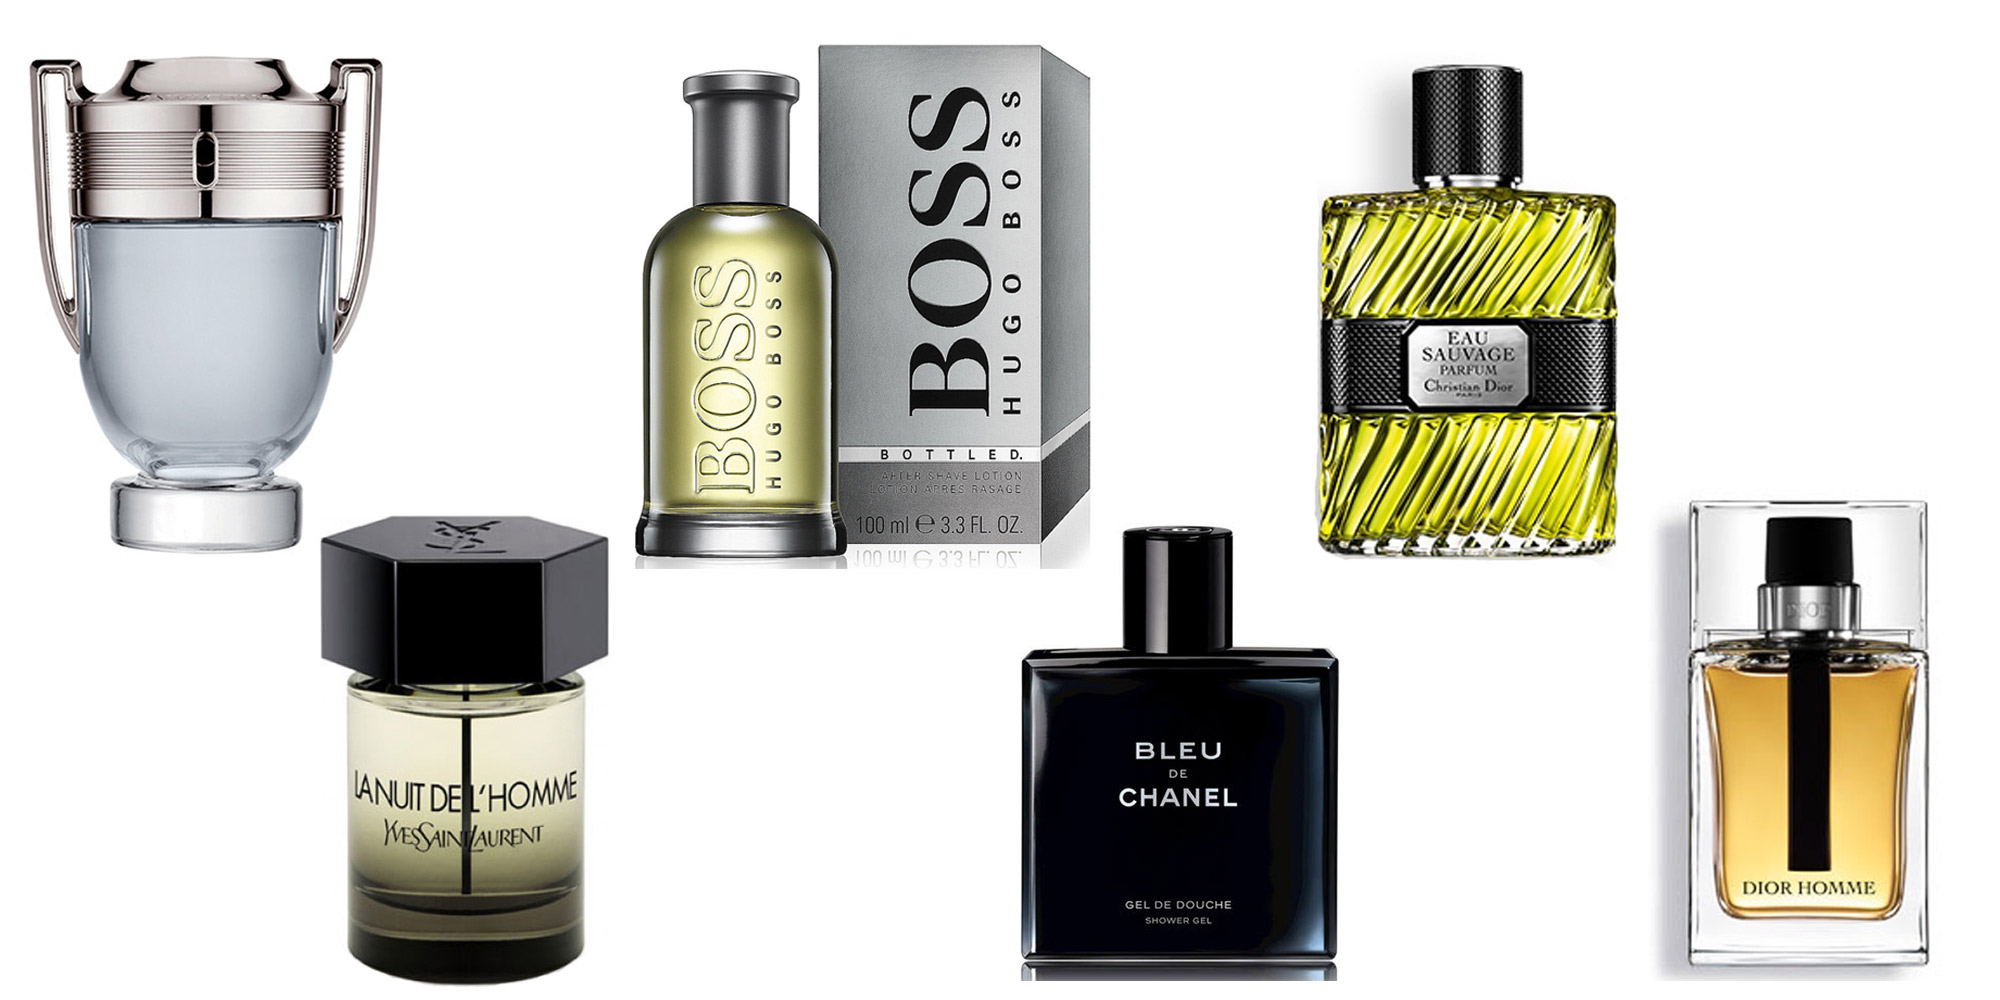 Quel est le parfum qui attire le plus les hommes ?